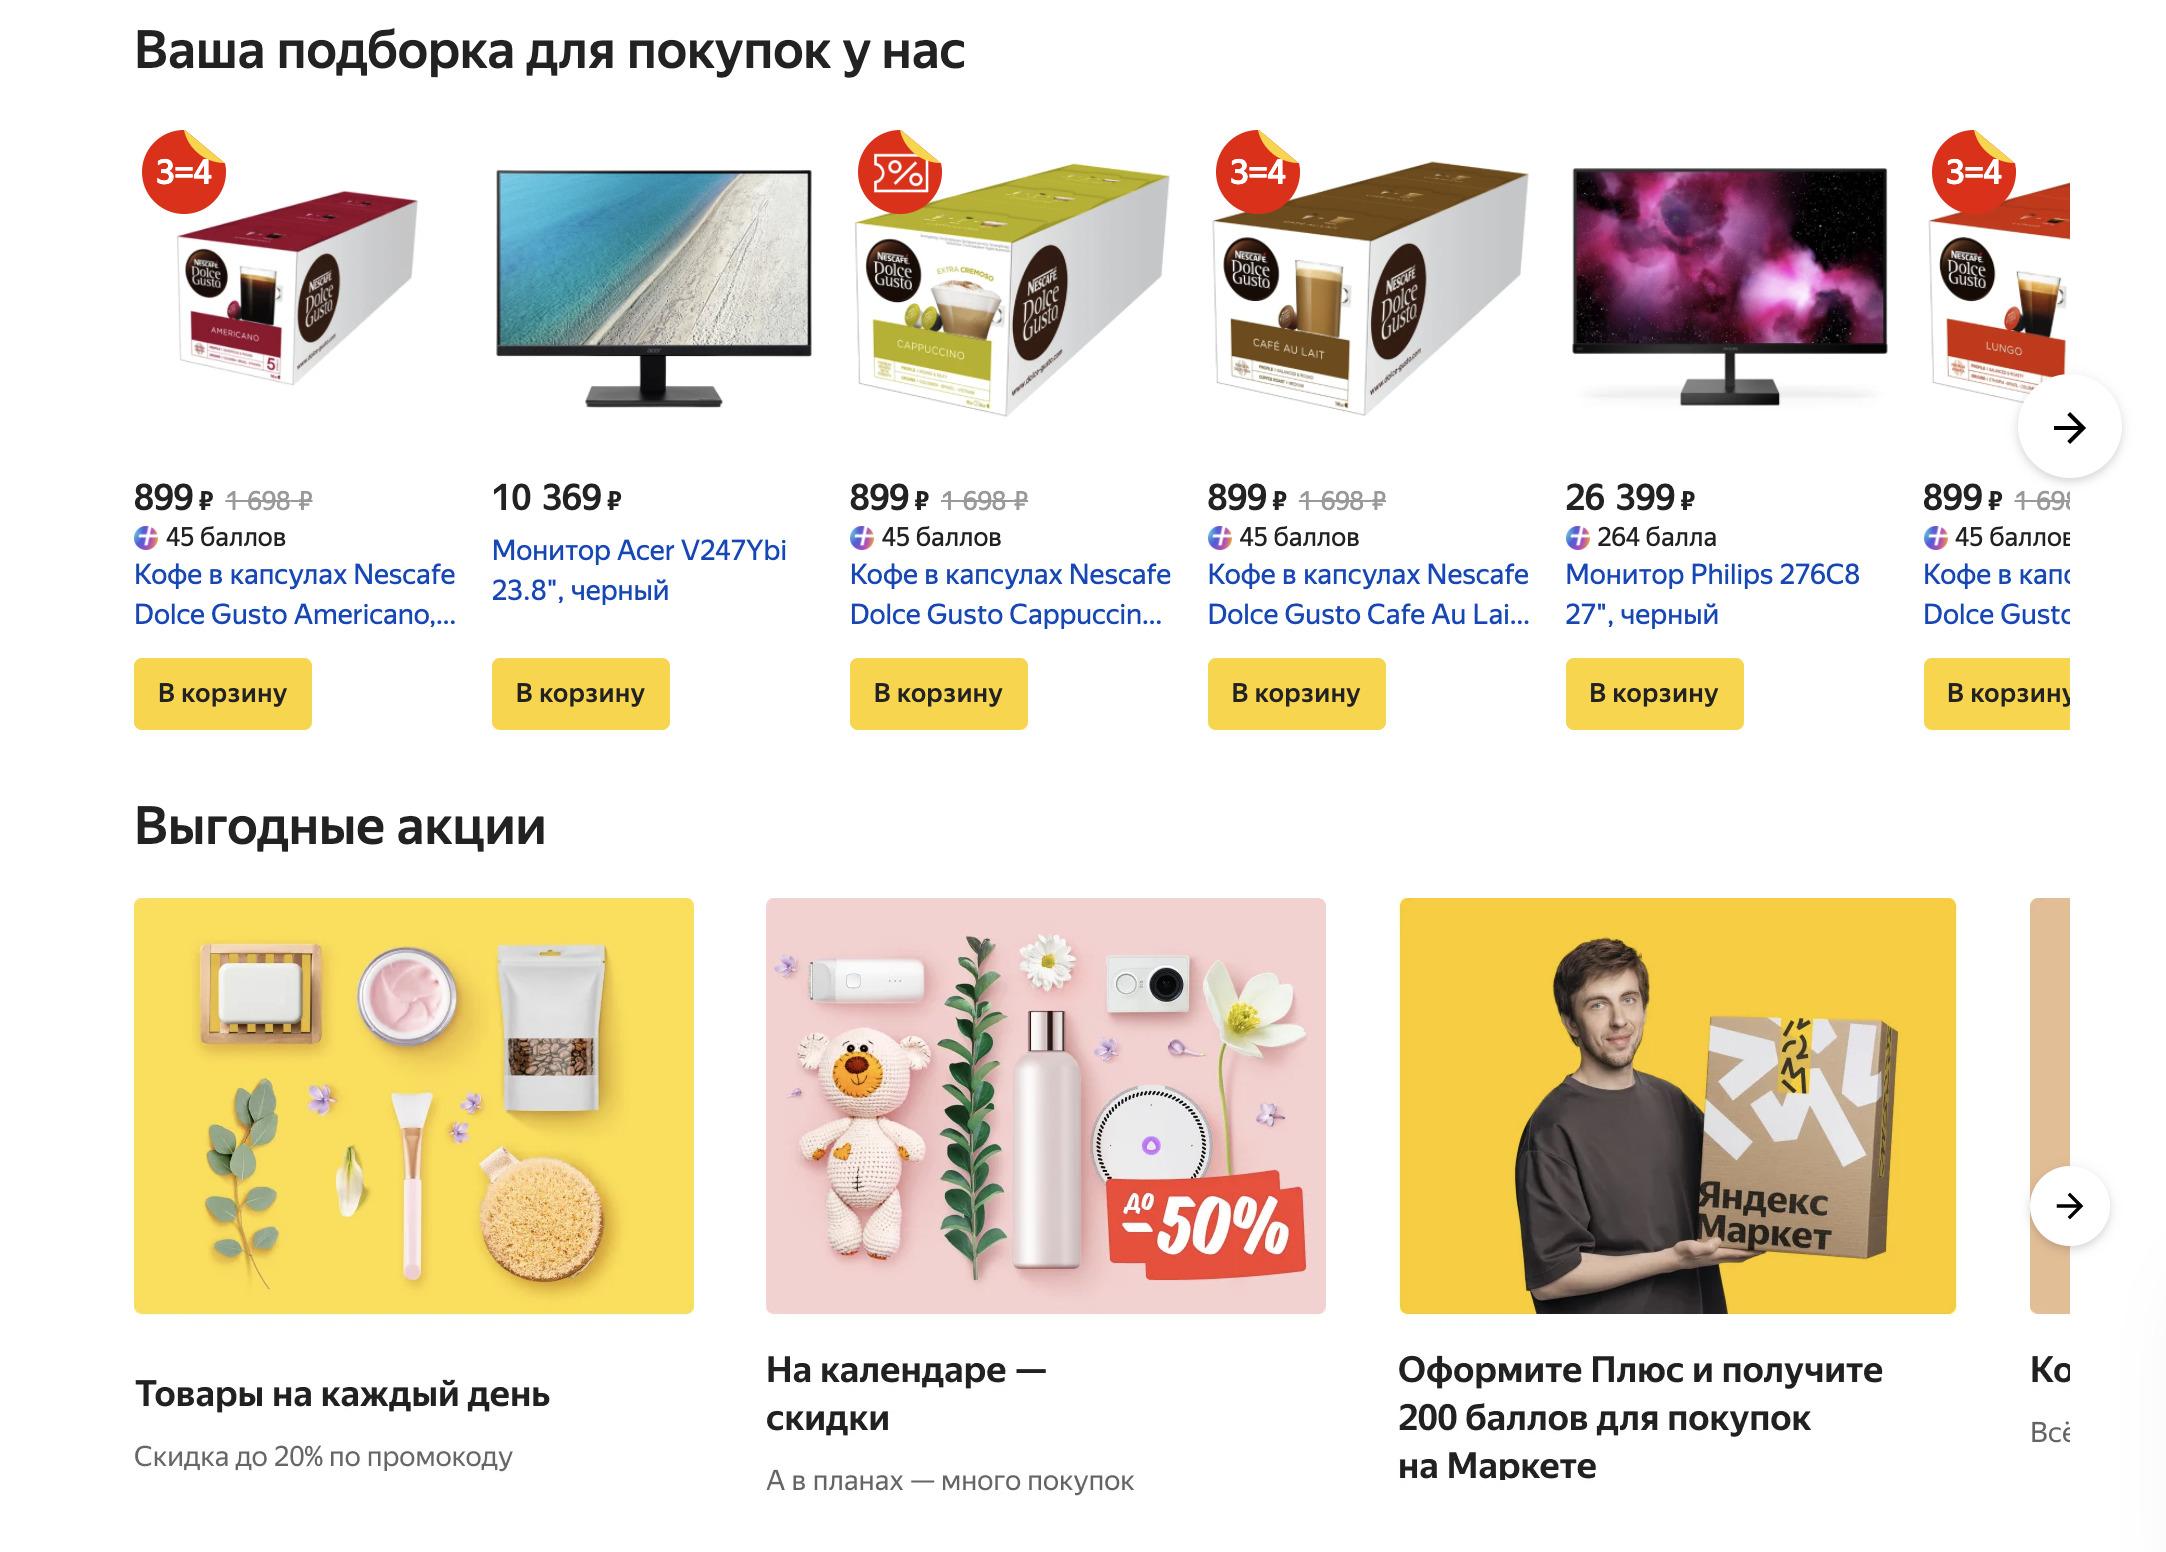 Доставка из Яндекс.Маркет в Красноярск, сроки, пункты выдачи, каталог